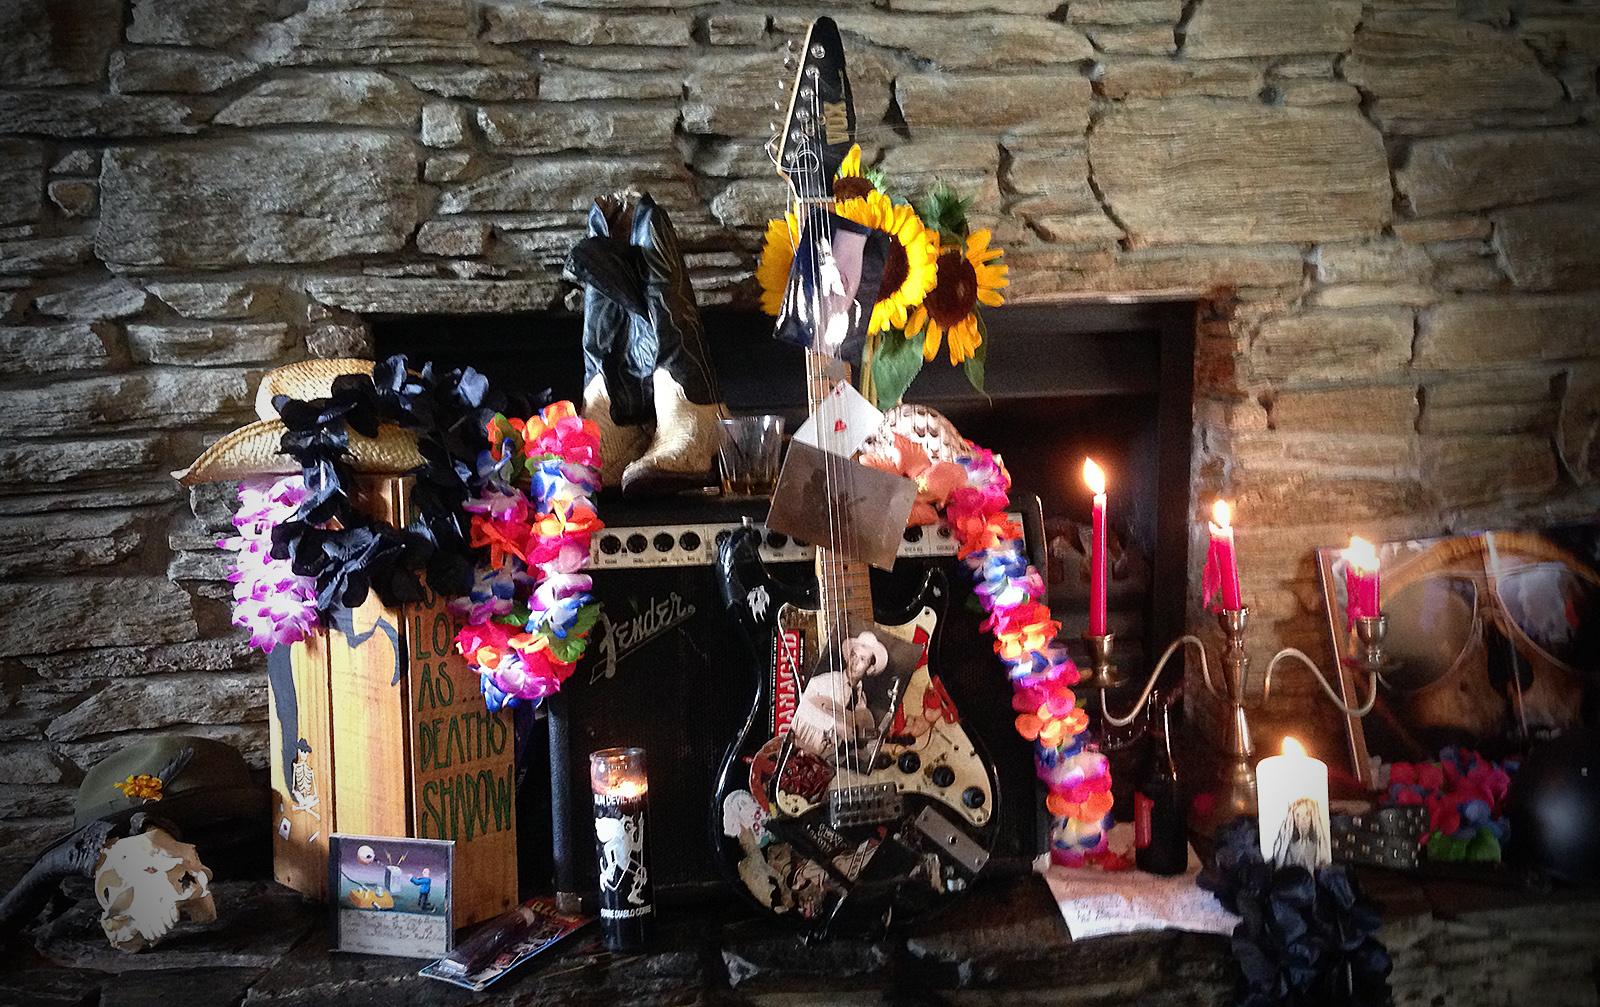 IMG_2471 Roddy shrine Kings Arms 1600 VIG